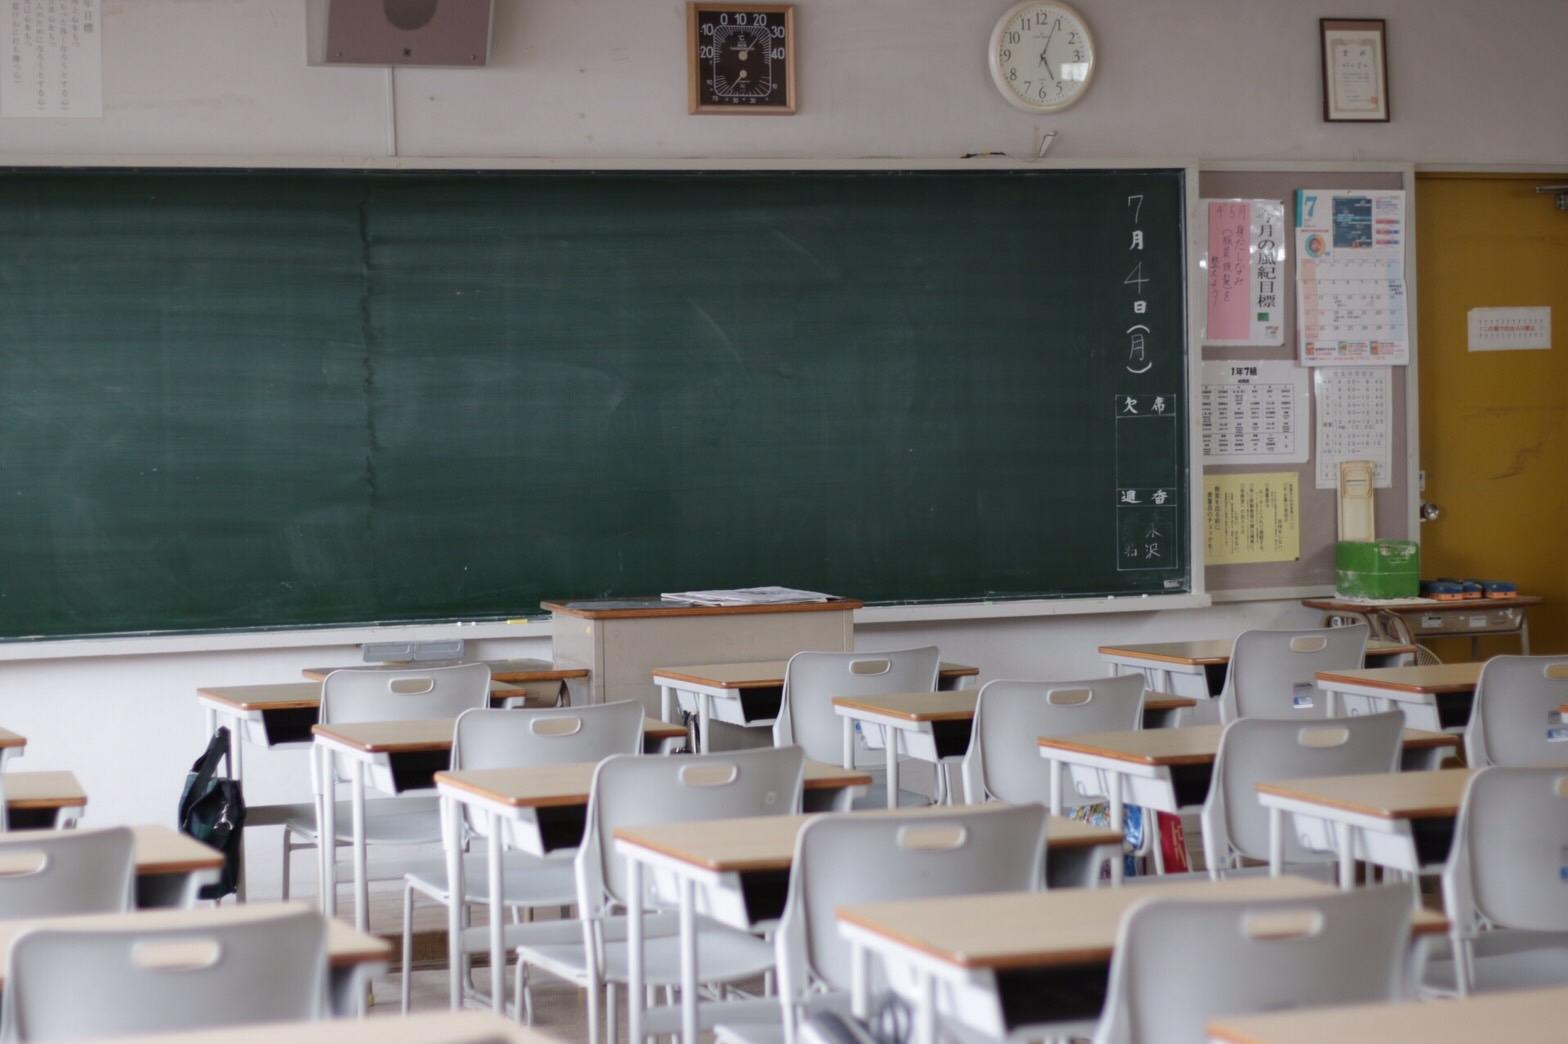 学校が行うべき「いじめ」への対応とは【法律的観点から解説】